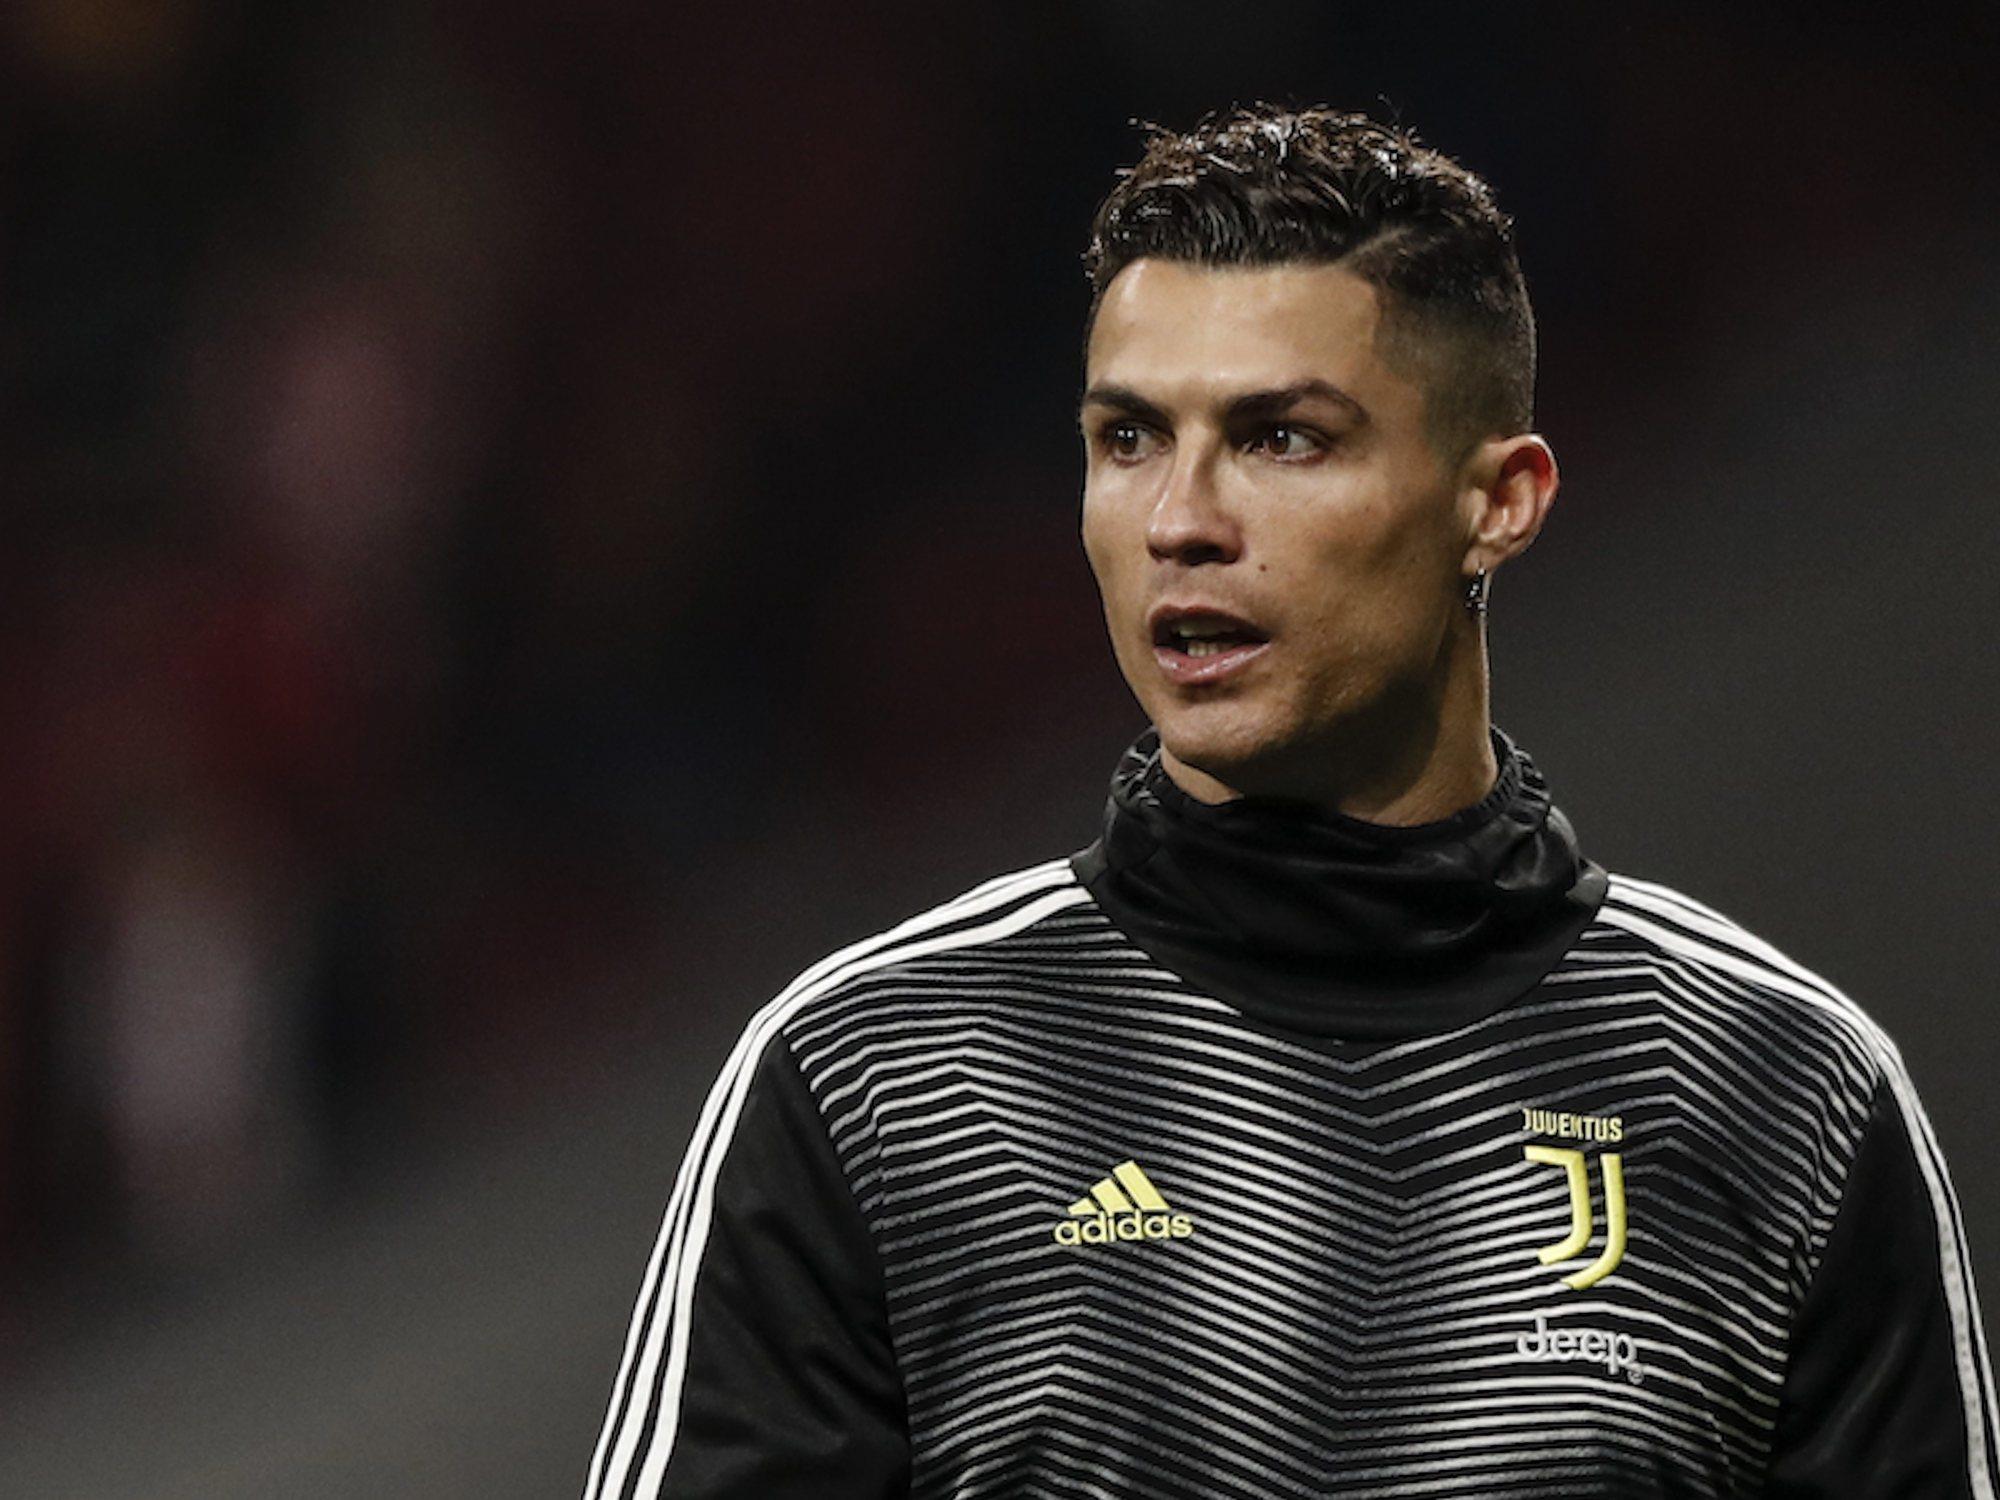 La Fiscalía retira los cargos de violación contra Cristiano Ronaldo por falta de pruebas